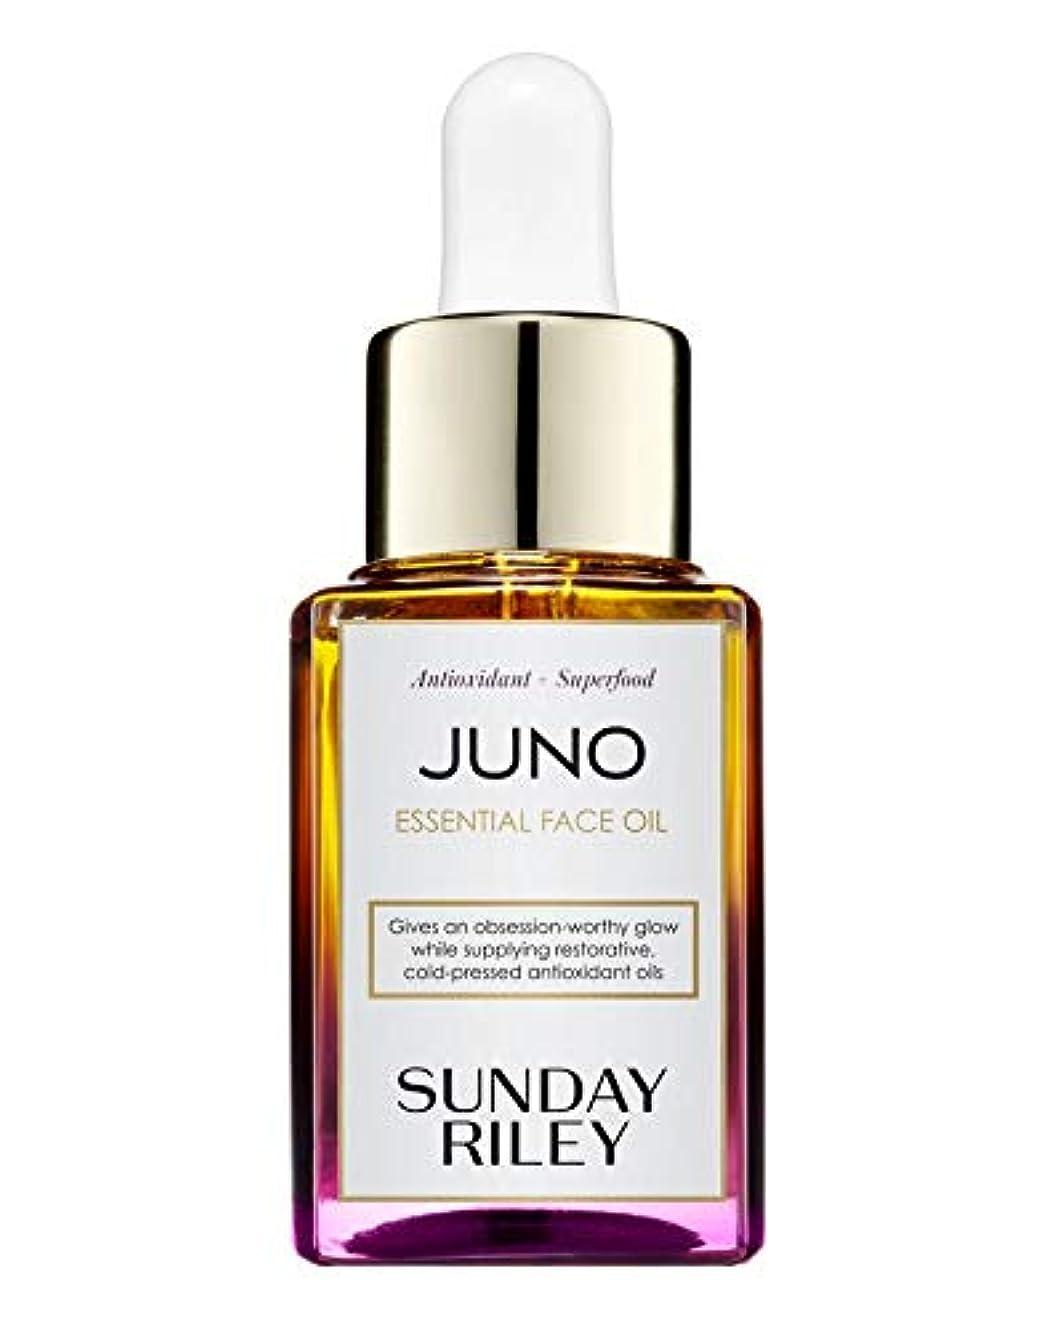 好奇心盛酸コンパイルSunday Riley Juno Hydroactive Cellular Face Oil 15ml サンデーライリー ジュノ フェイスオイル